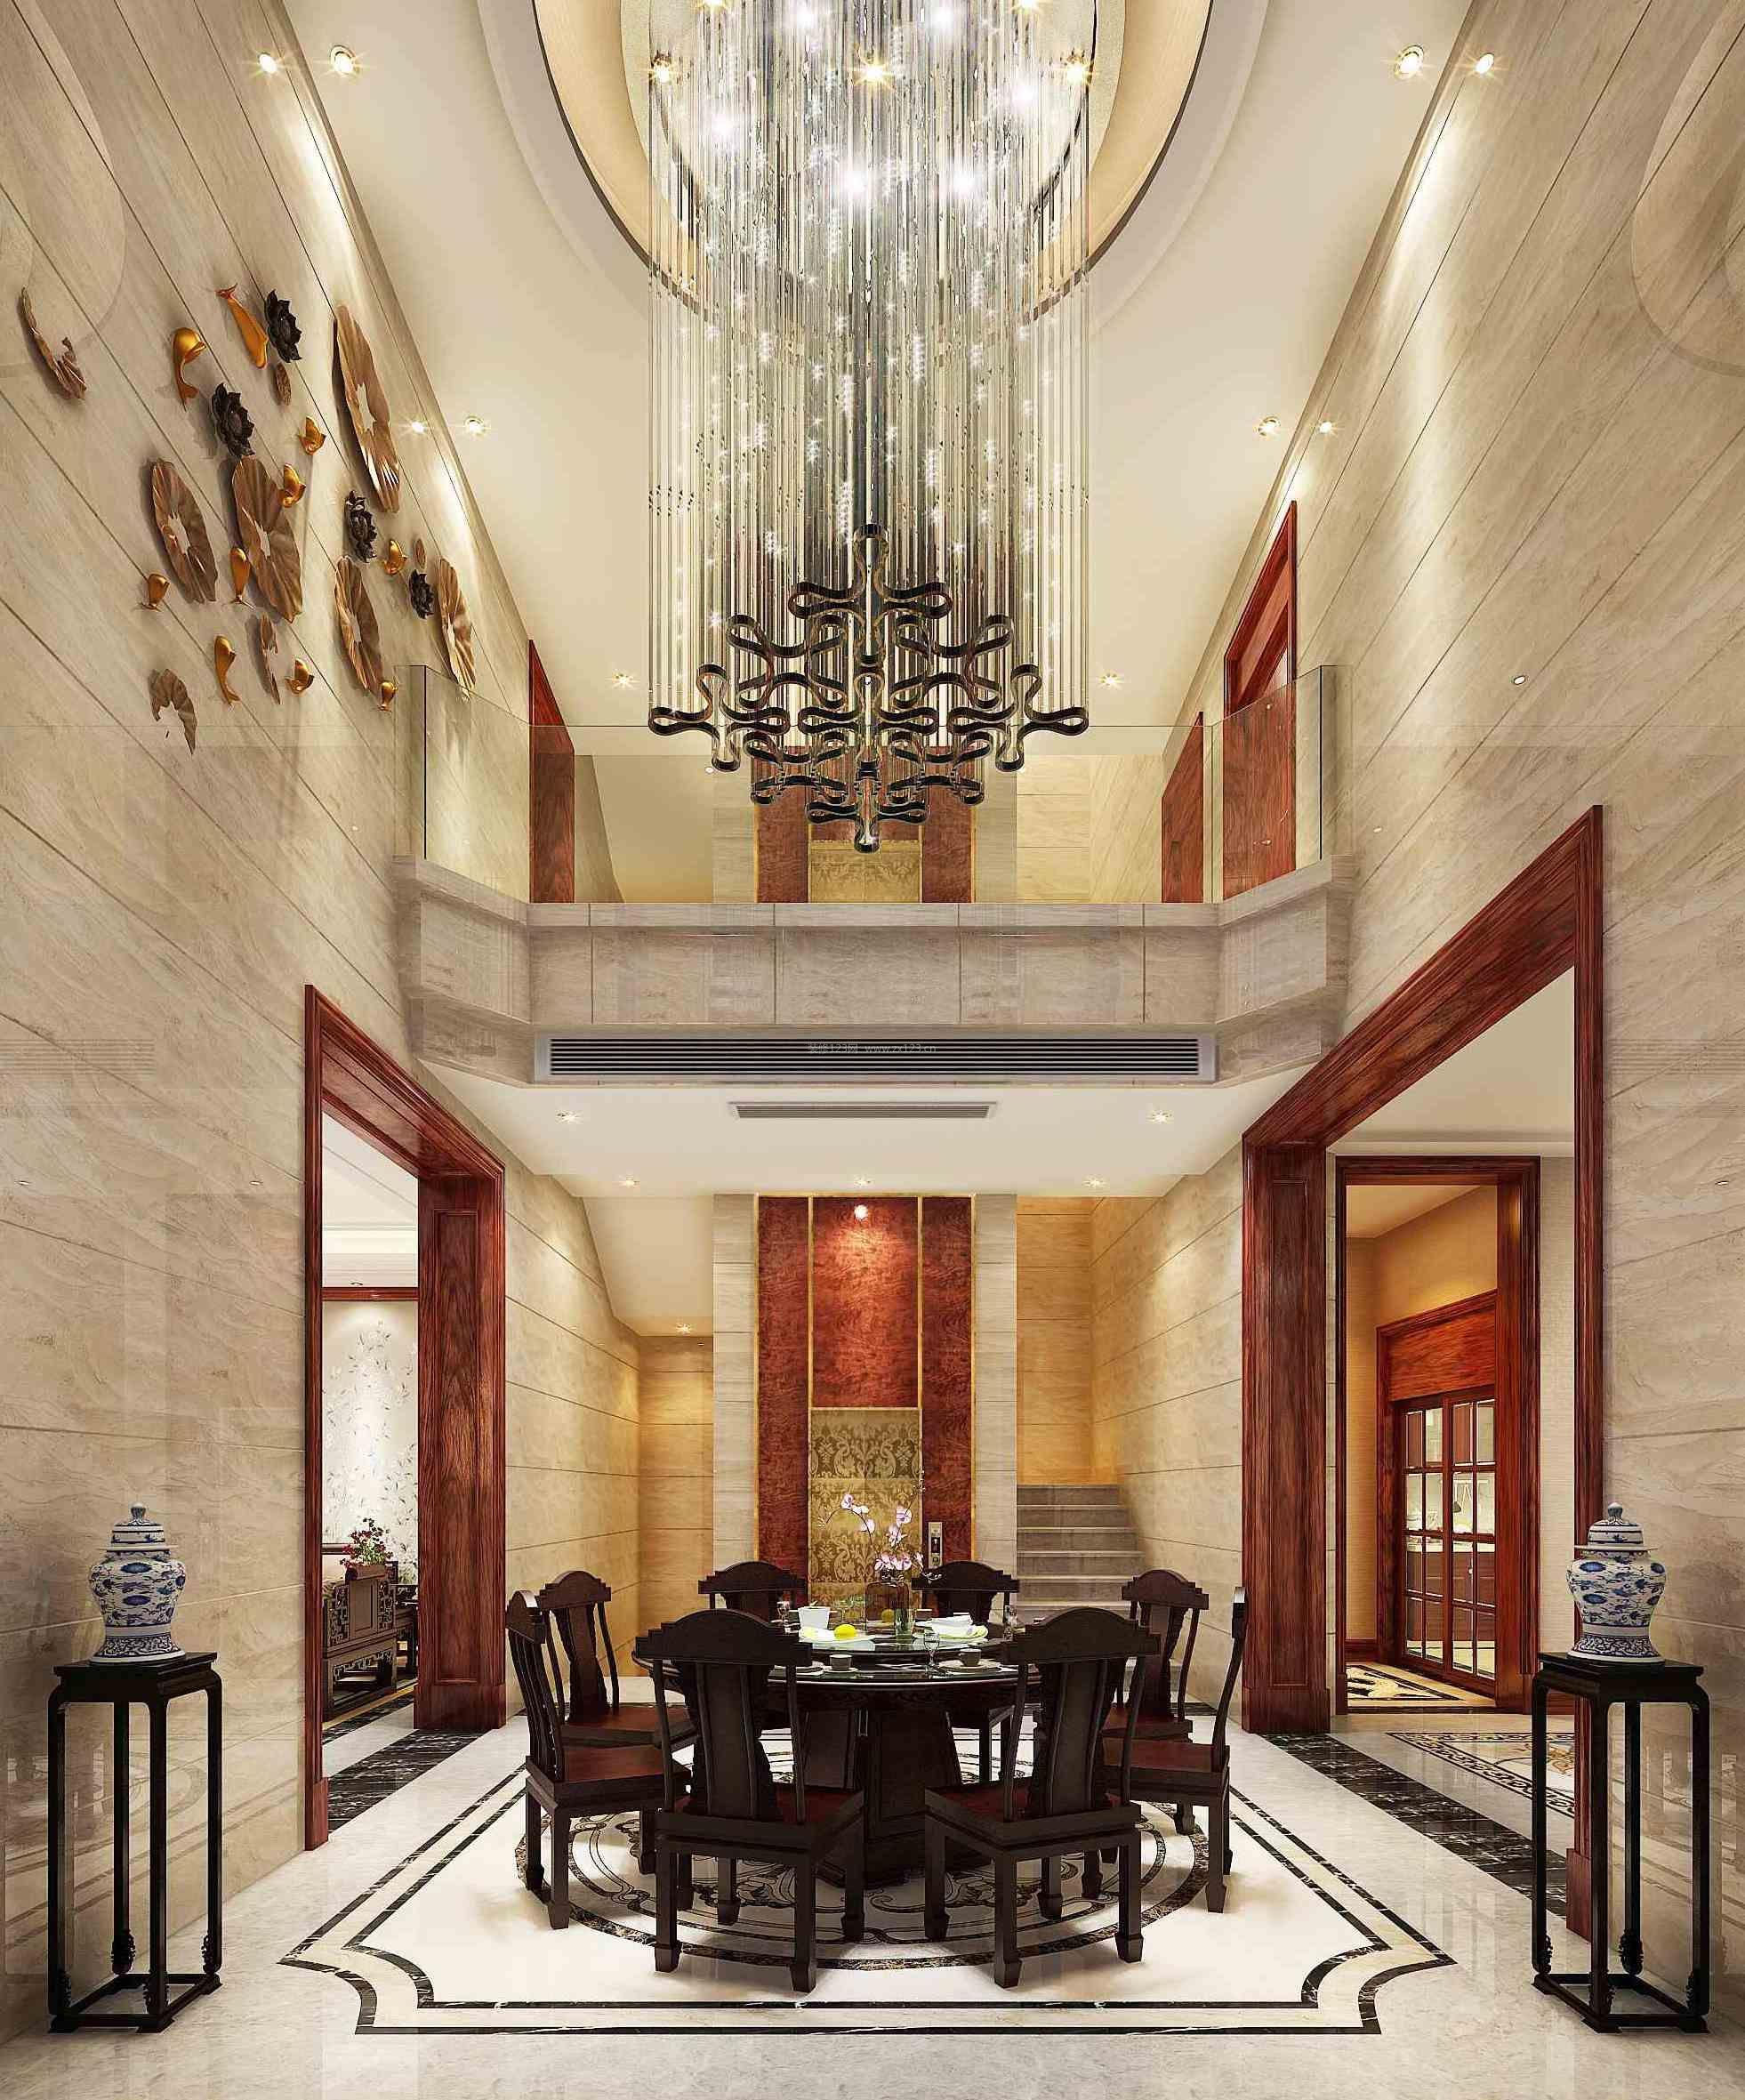 2017新中式风格别墅餐厅实木餐桌装修效果图片图片